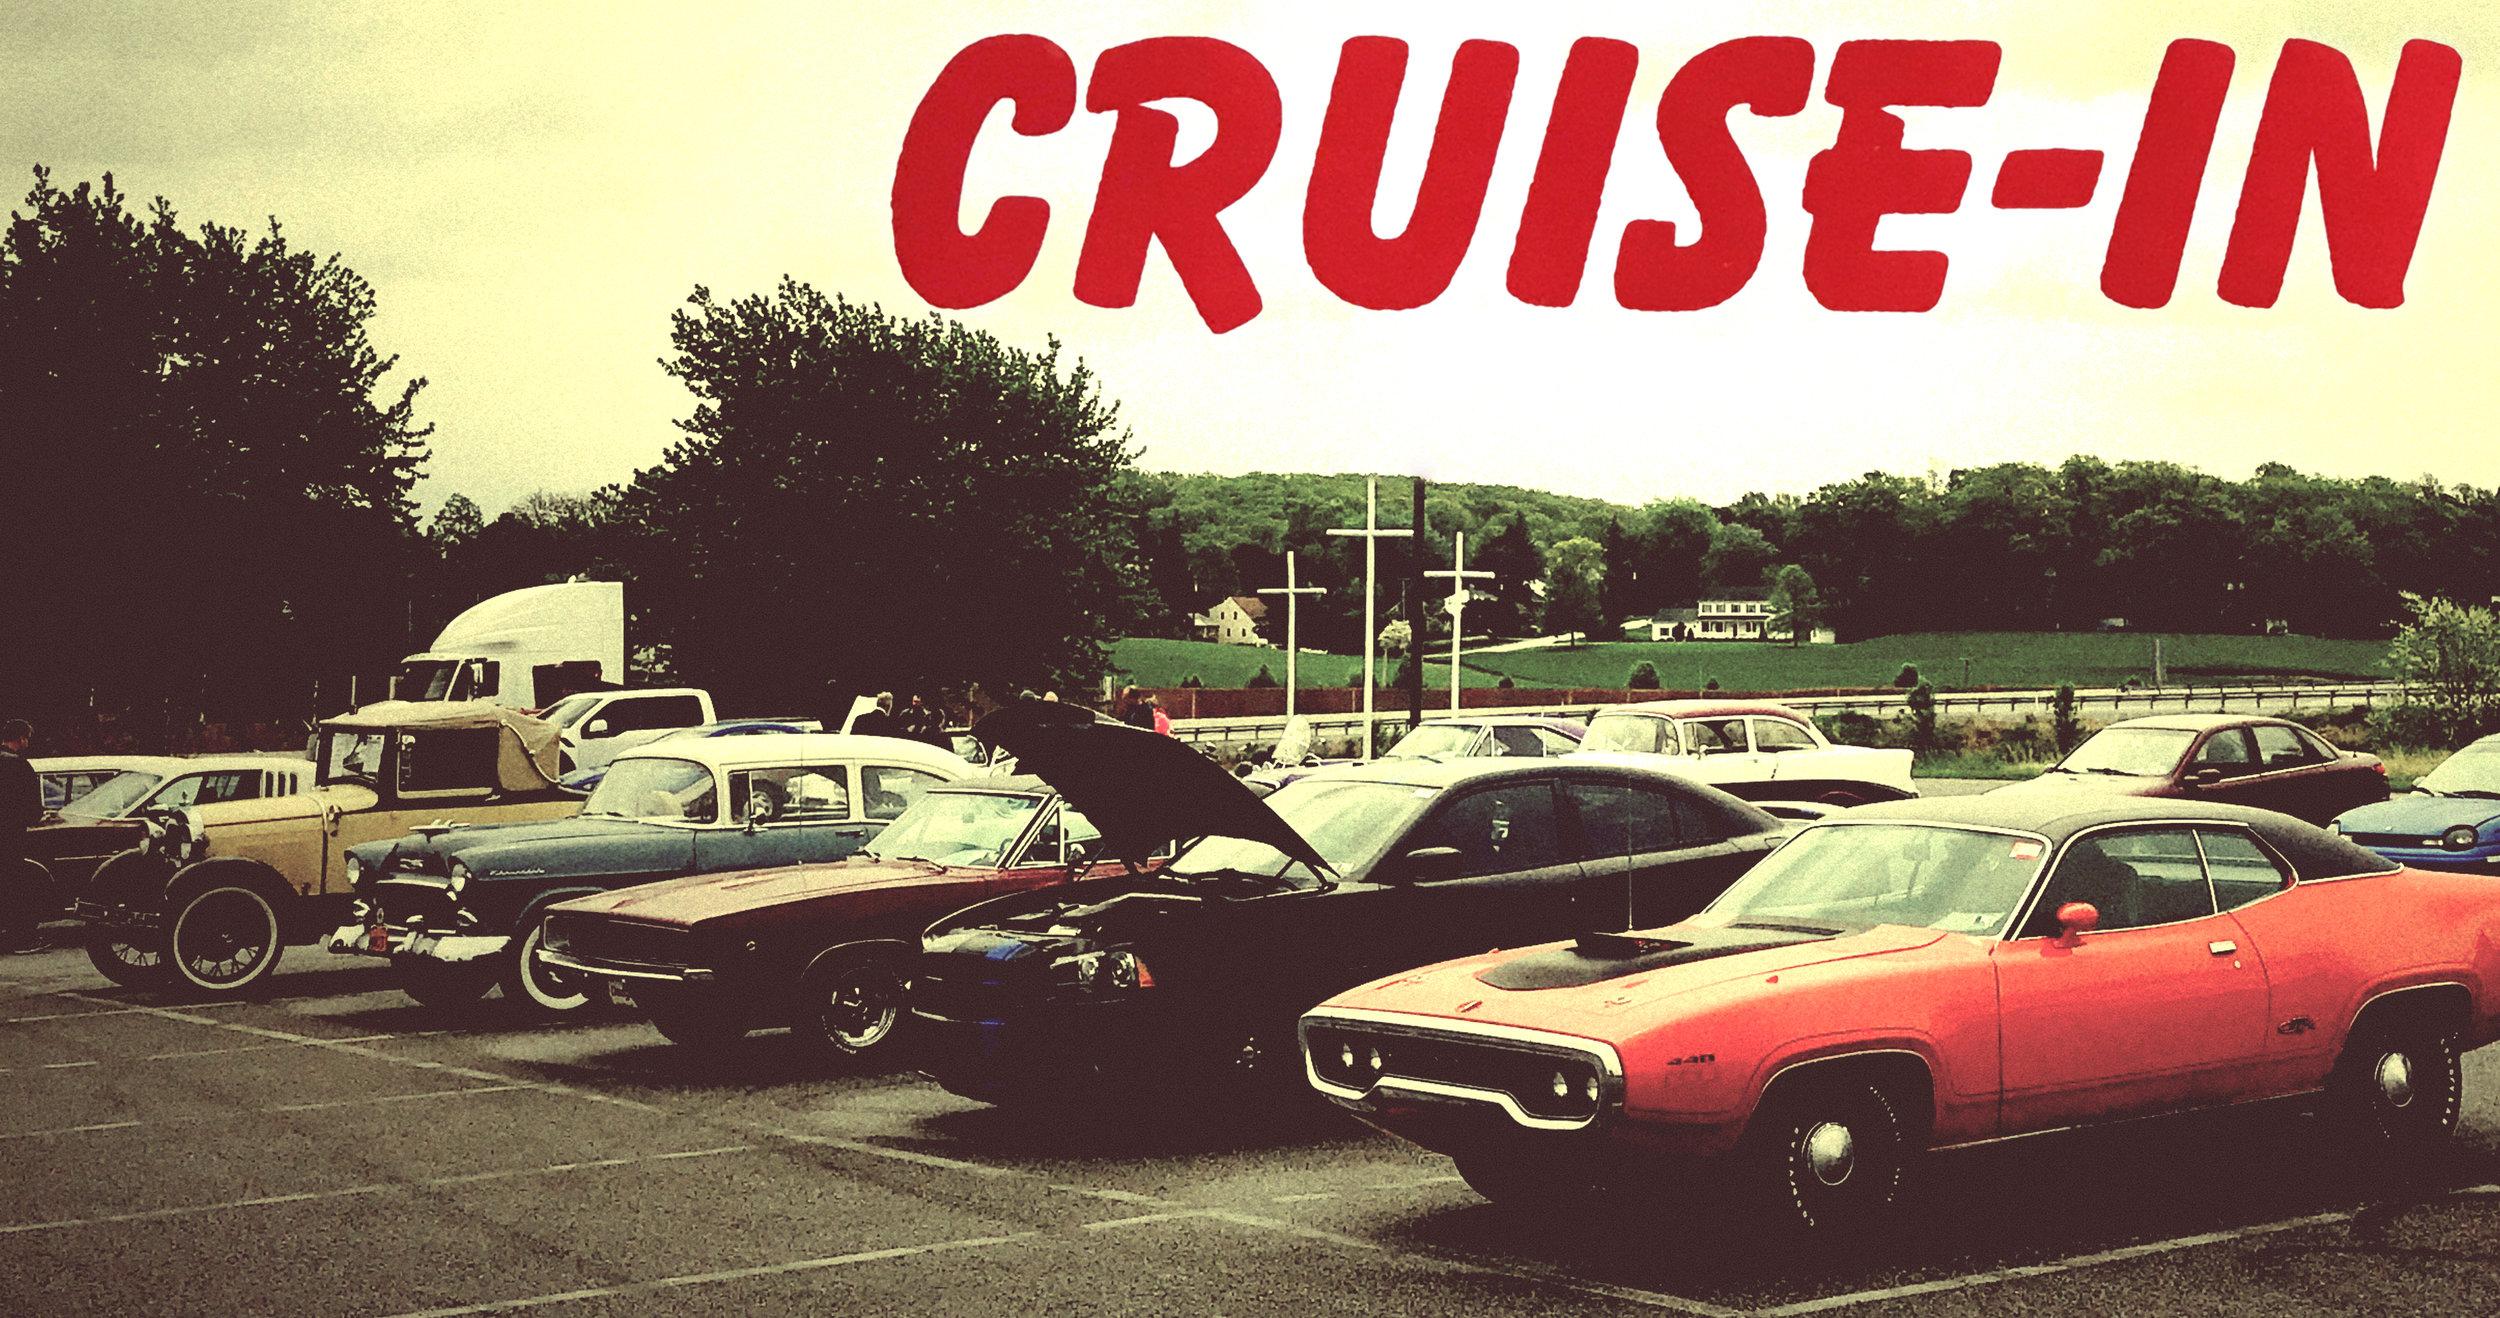 Cruise-In.jpg